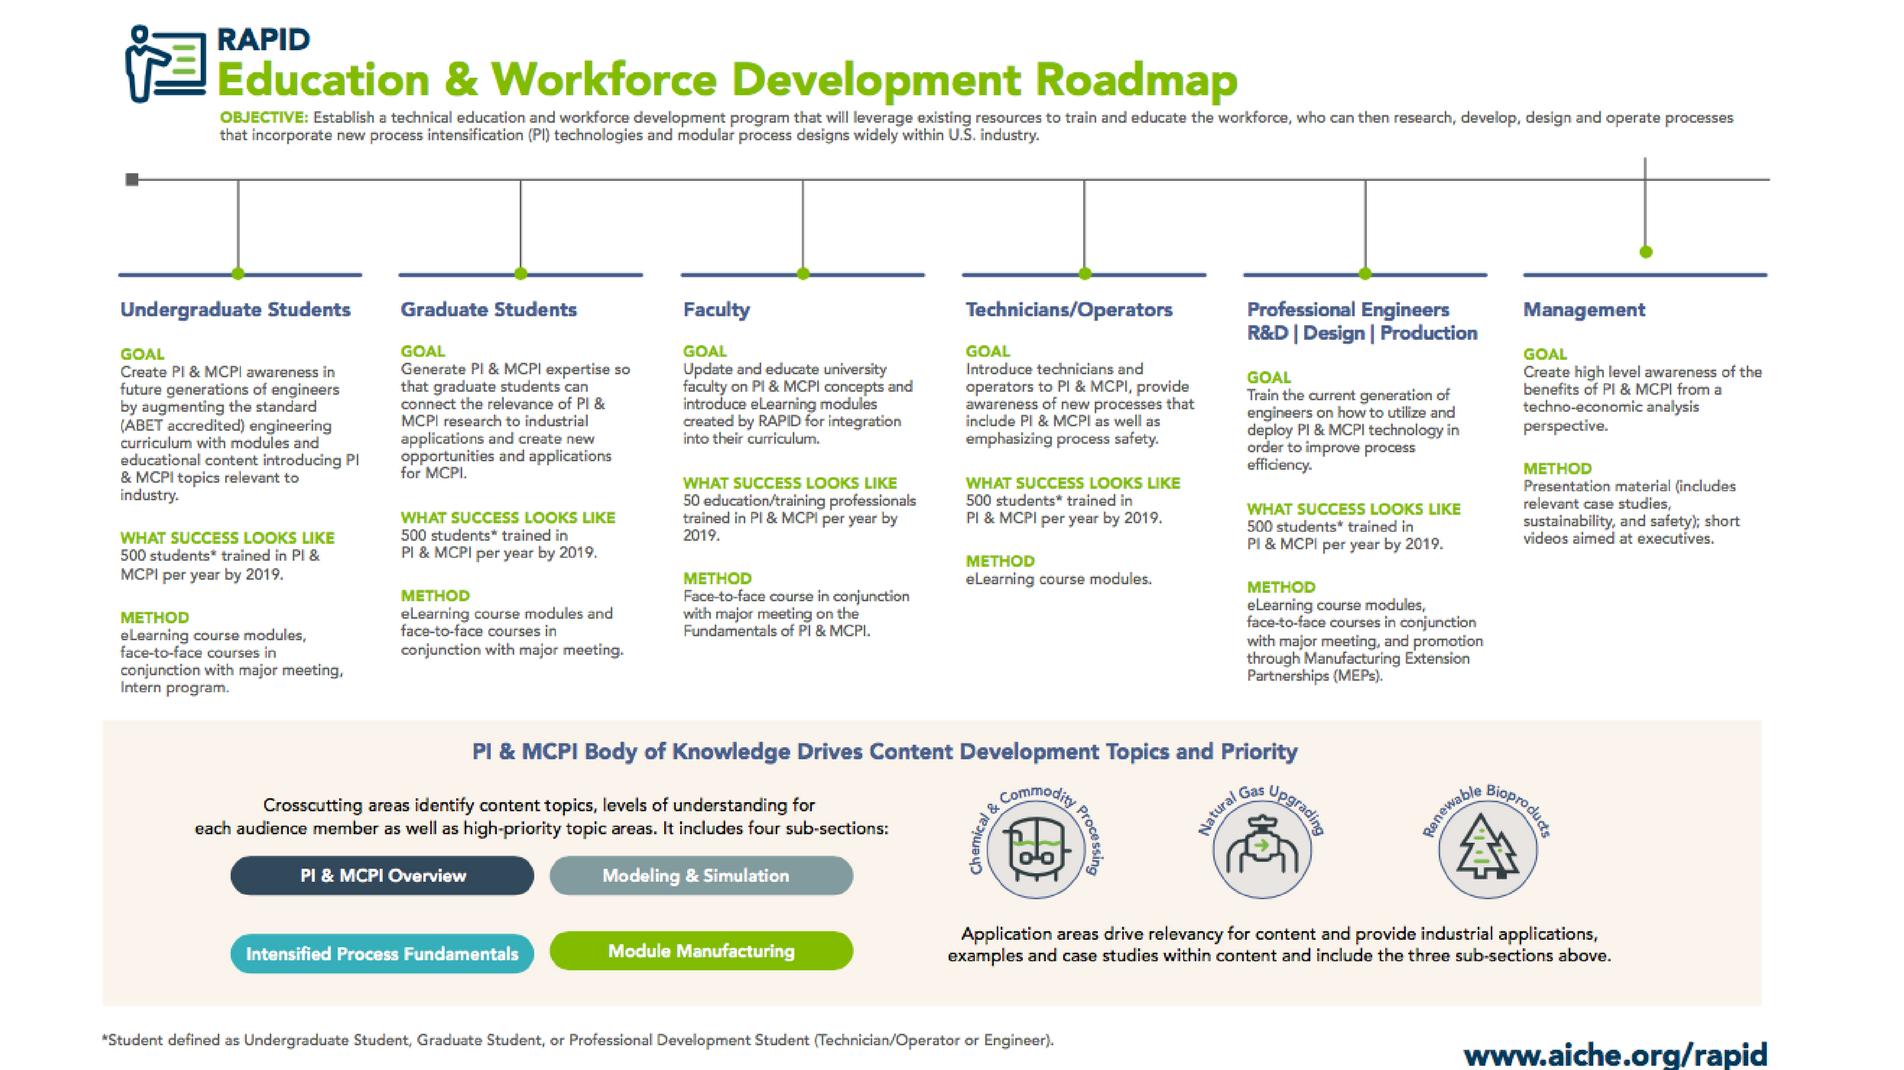 Education & Workforce Development Roadmap | AIChE on